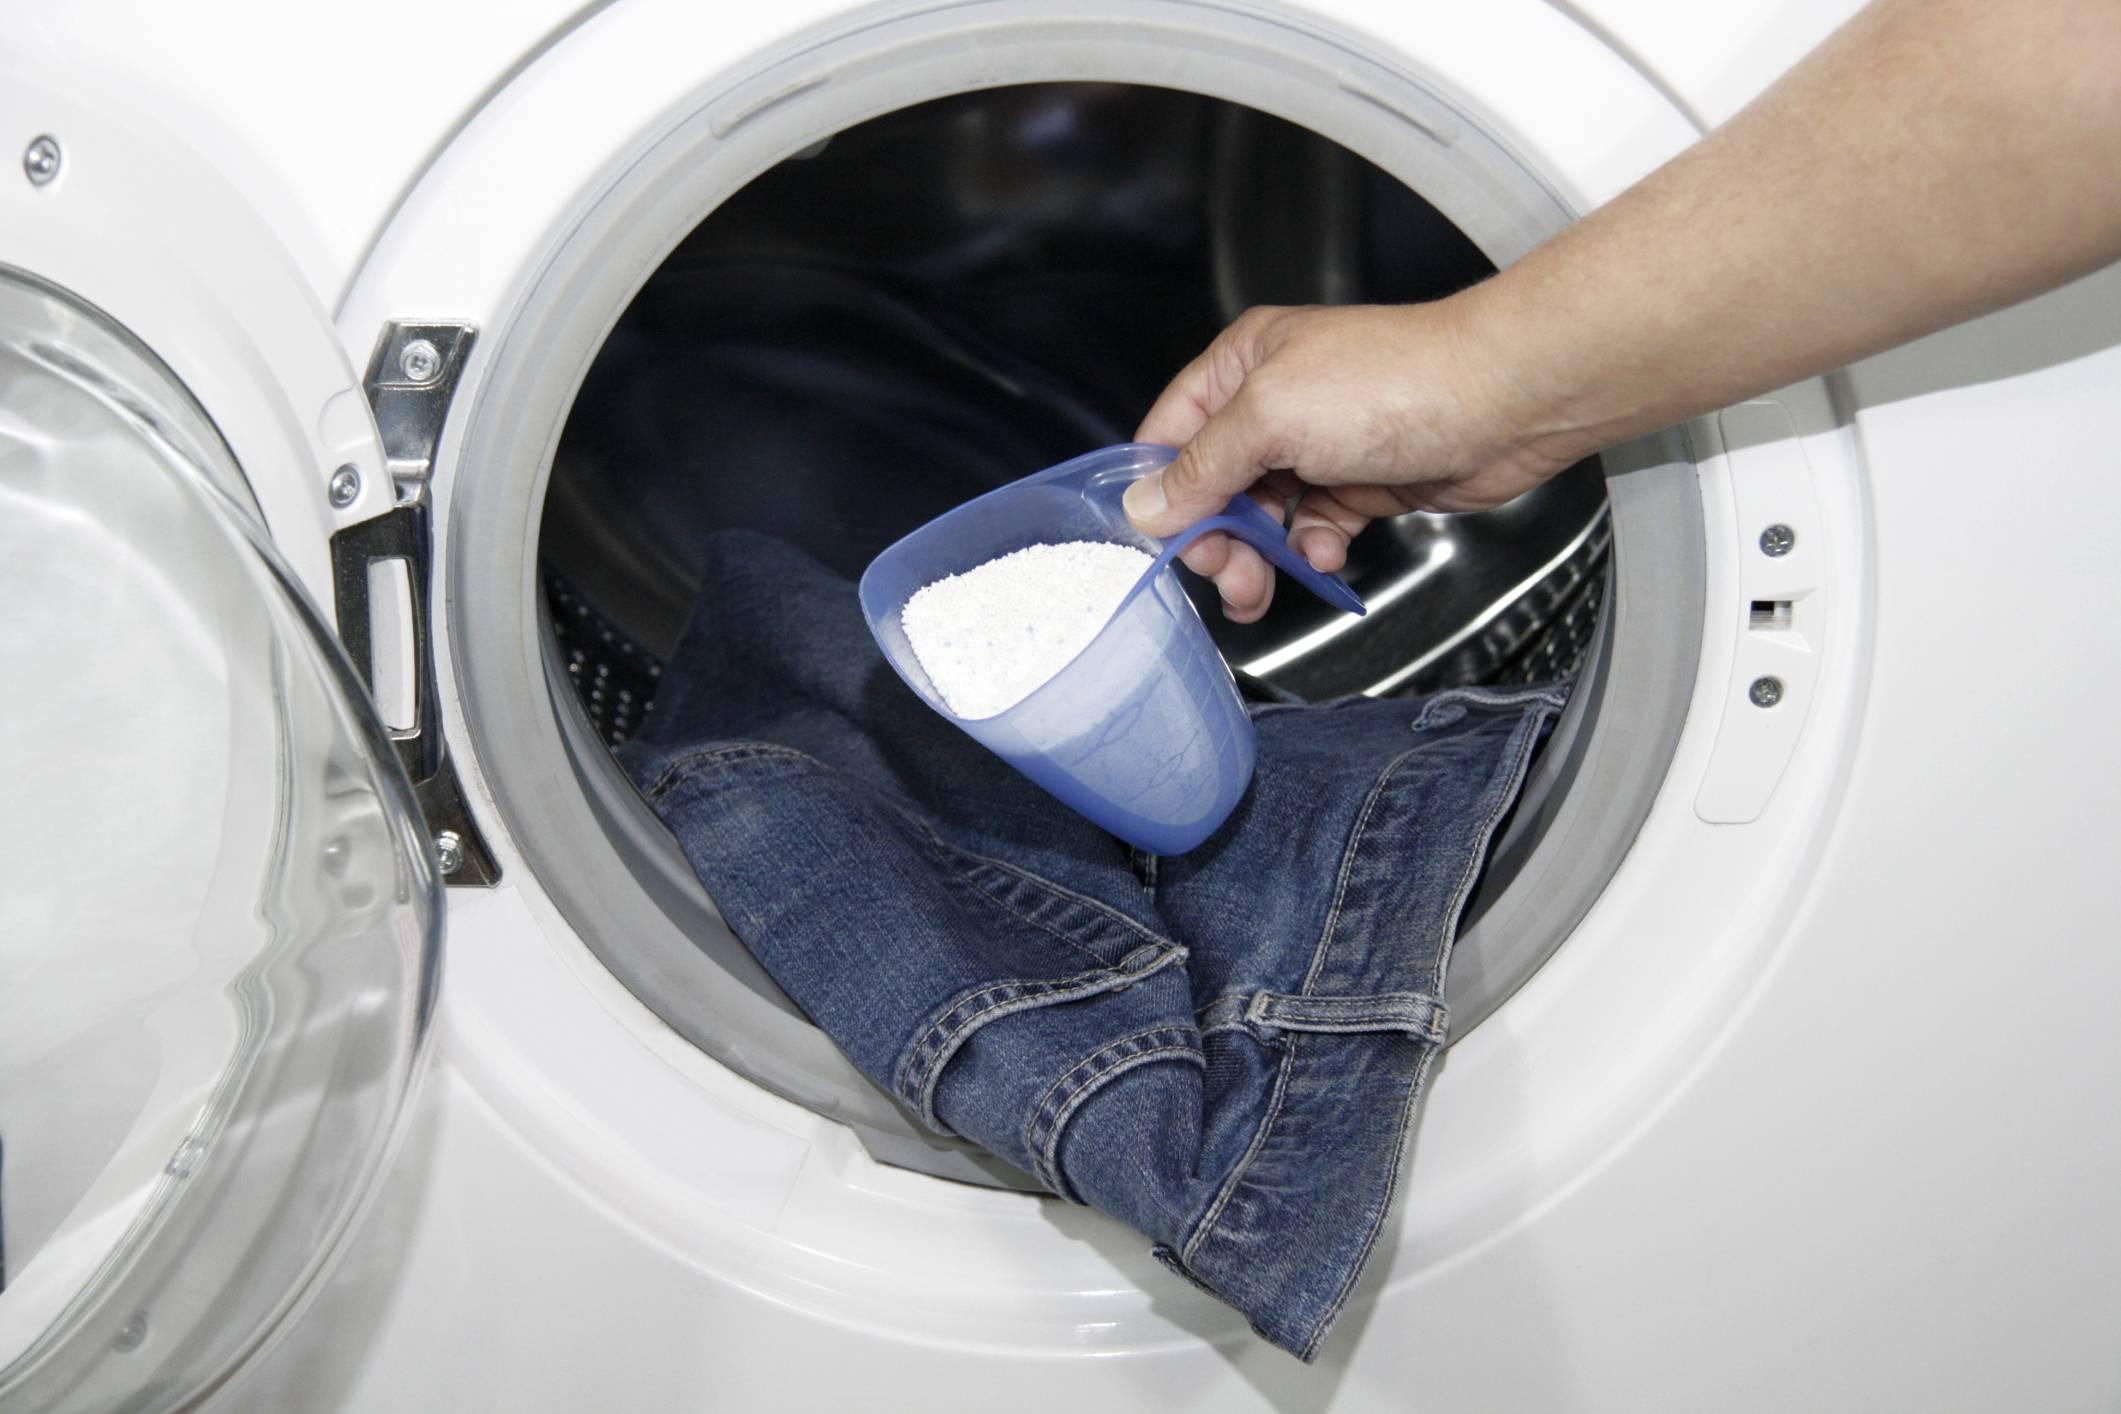 Игнорируя инструкцию: что будет, если засыпать порошок прямо в барабан стиральной машинки?